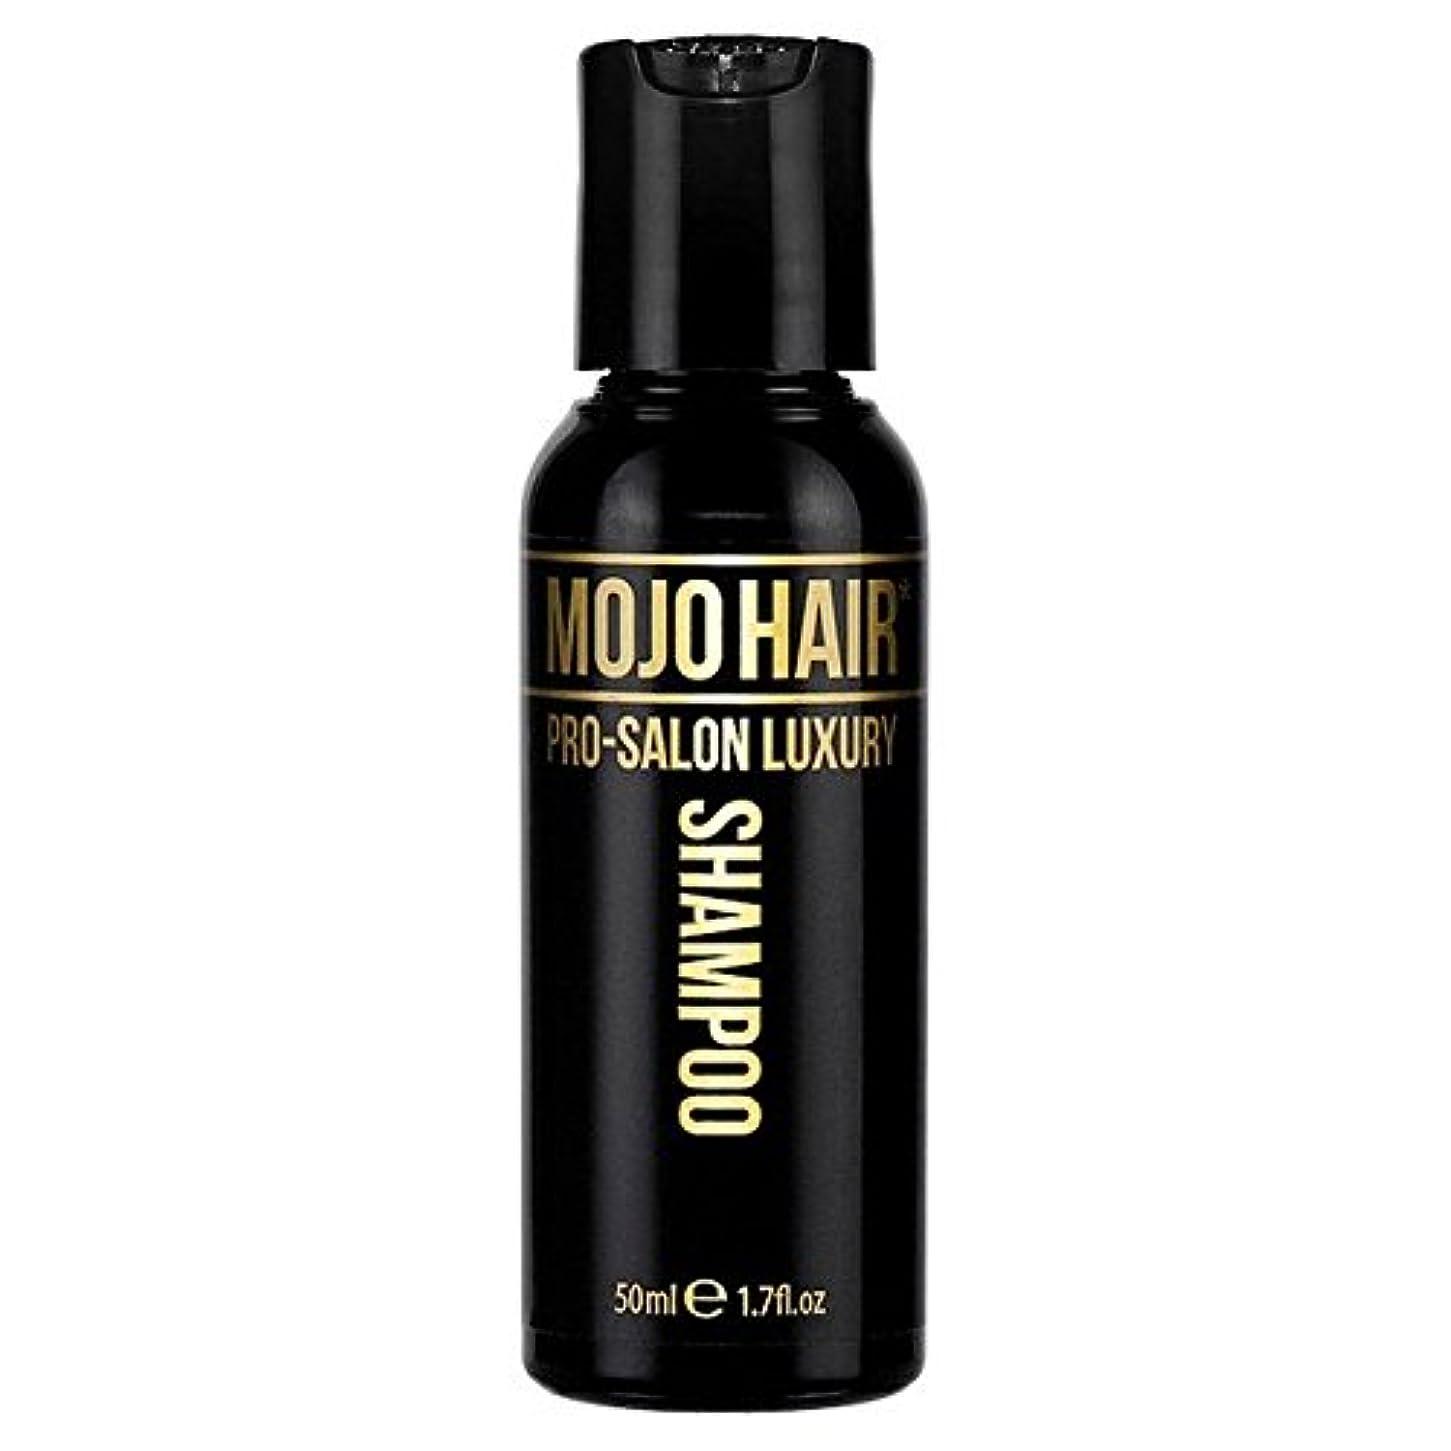 共感する通路狐MOJO HAIR Pro-Salon Luxury Fragrance Shampoo for Men, Travel Size 50ml (Pack of 6) - 男性のためのモジョの毛プロのサロンの贅沢な香りのシャンプー、トラベルサイズの50ミリリットル x6 [並行輸入品]